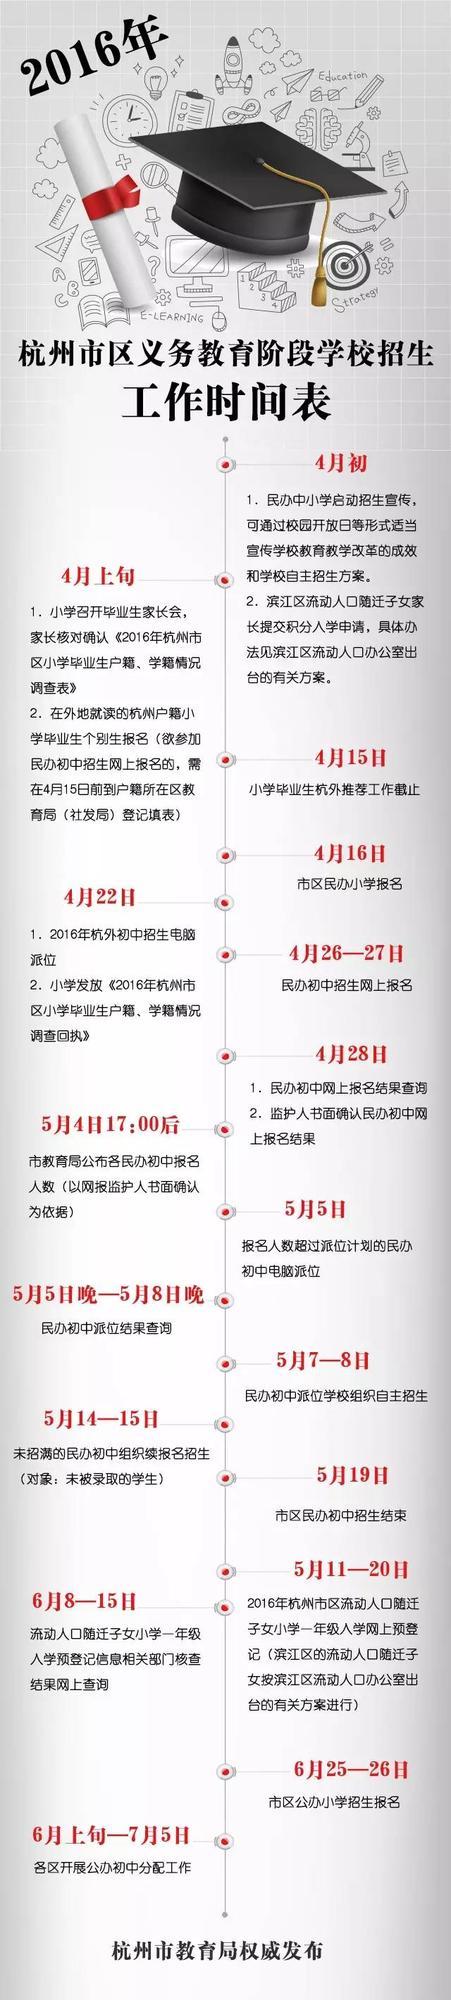 2016年杭州市区义务教育阶段学校招生工作时间表